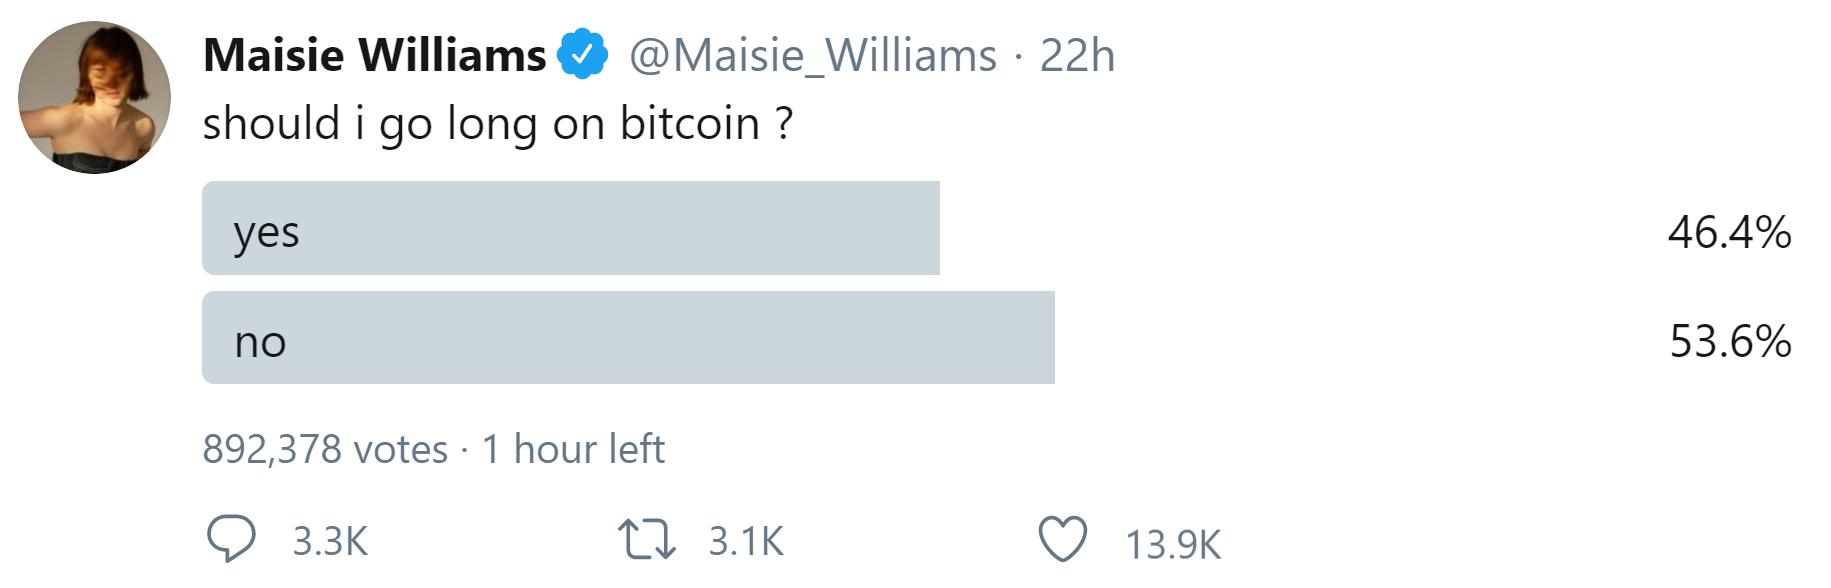 maisie williams bitcoin tweet